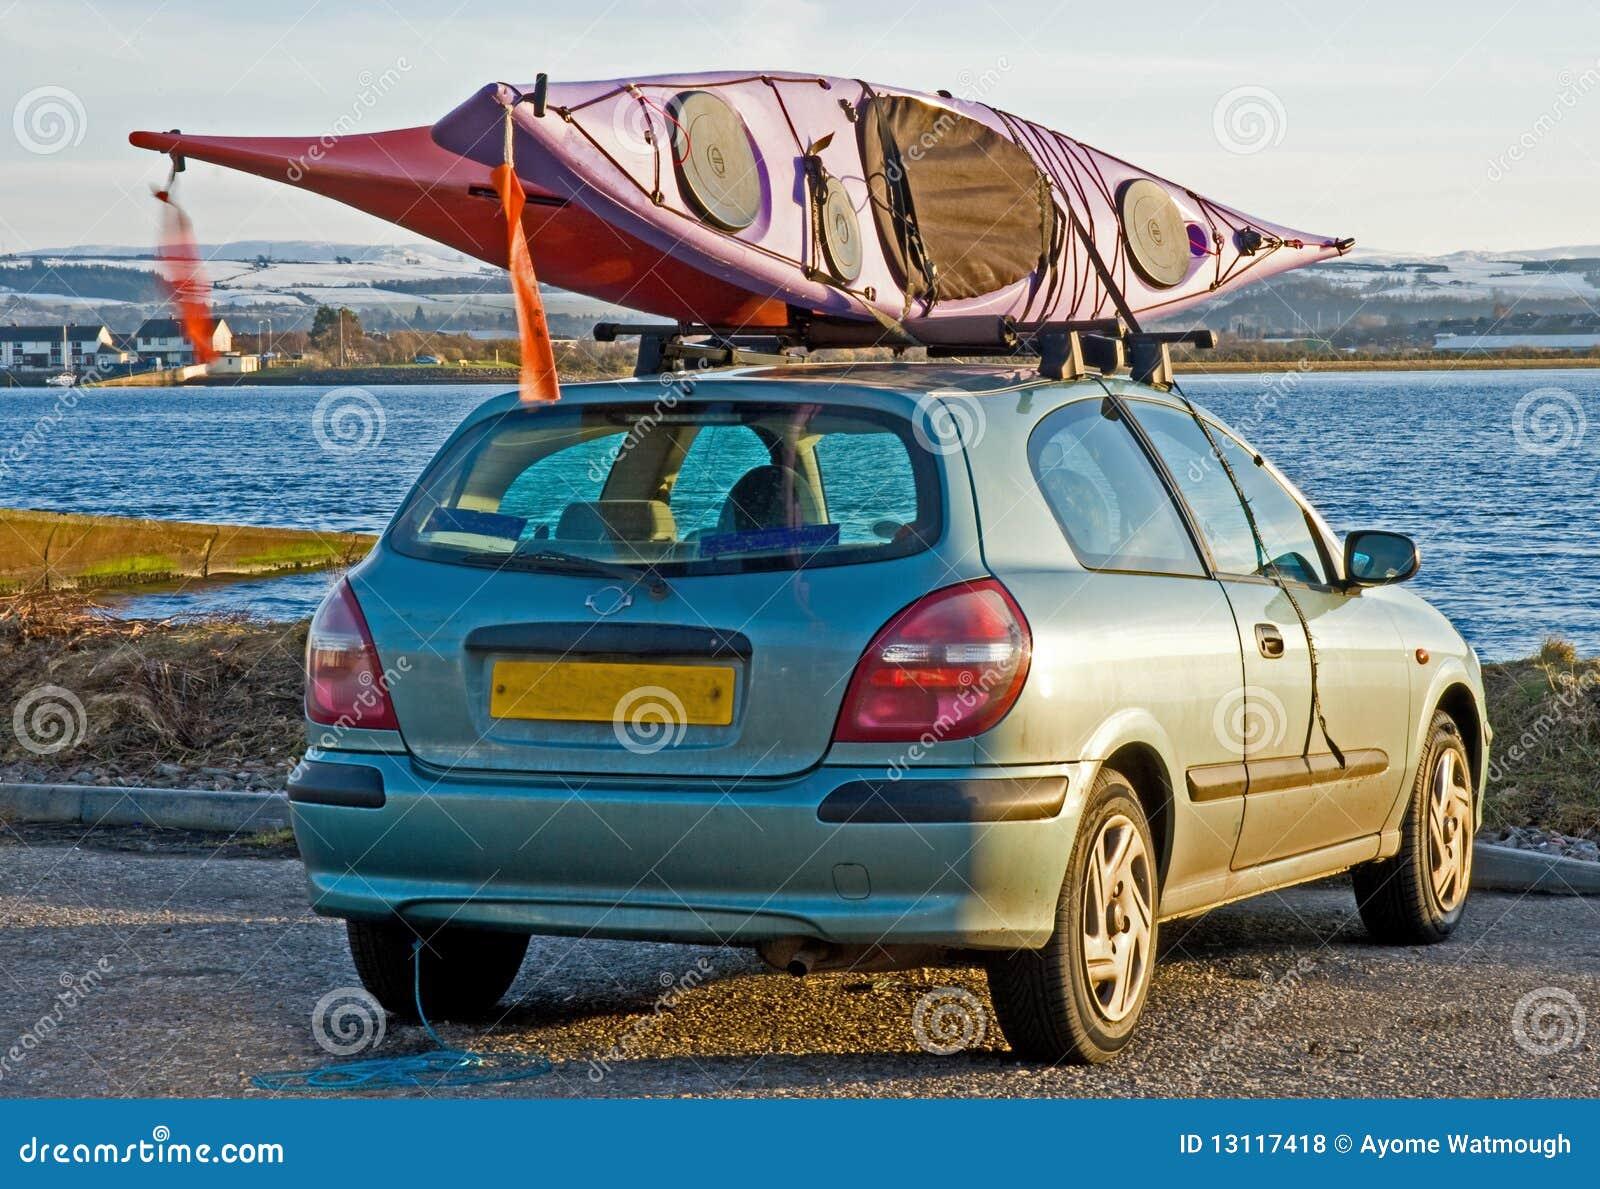 Due canoe riparate in cima ad un automobile.